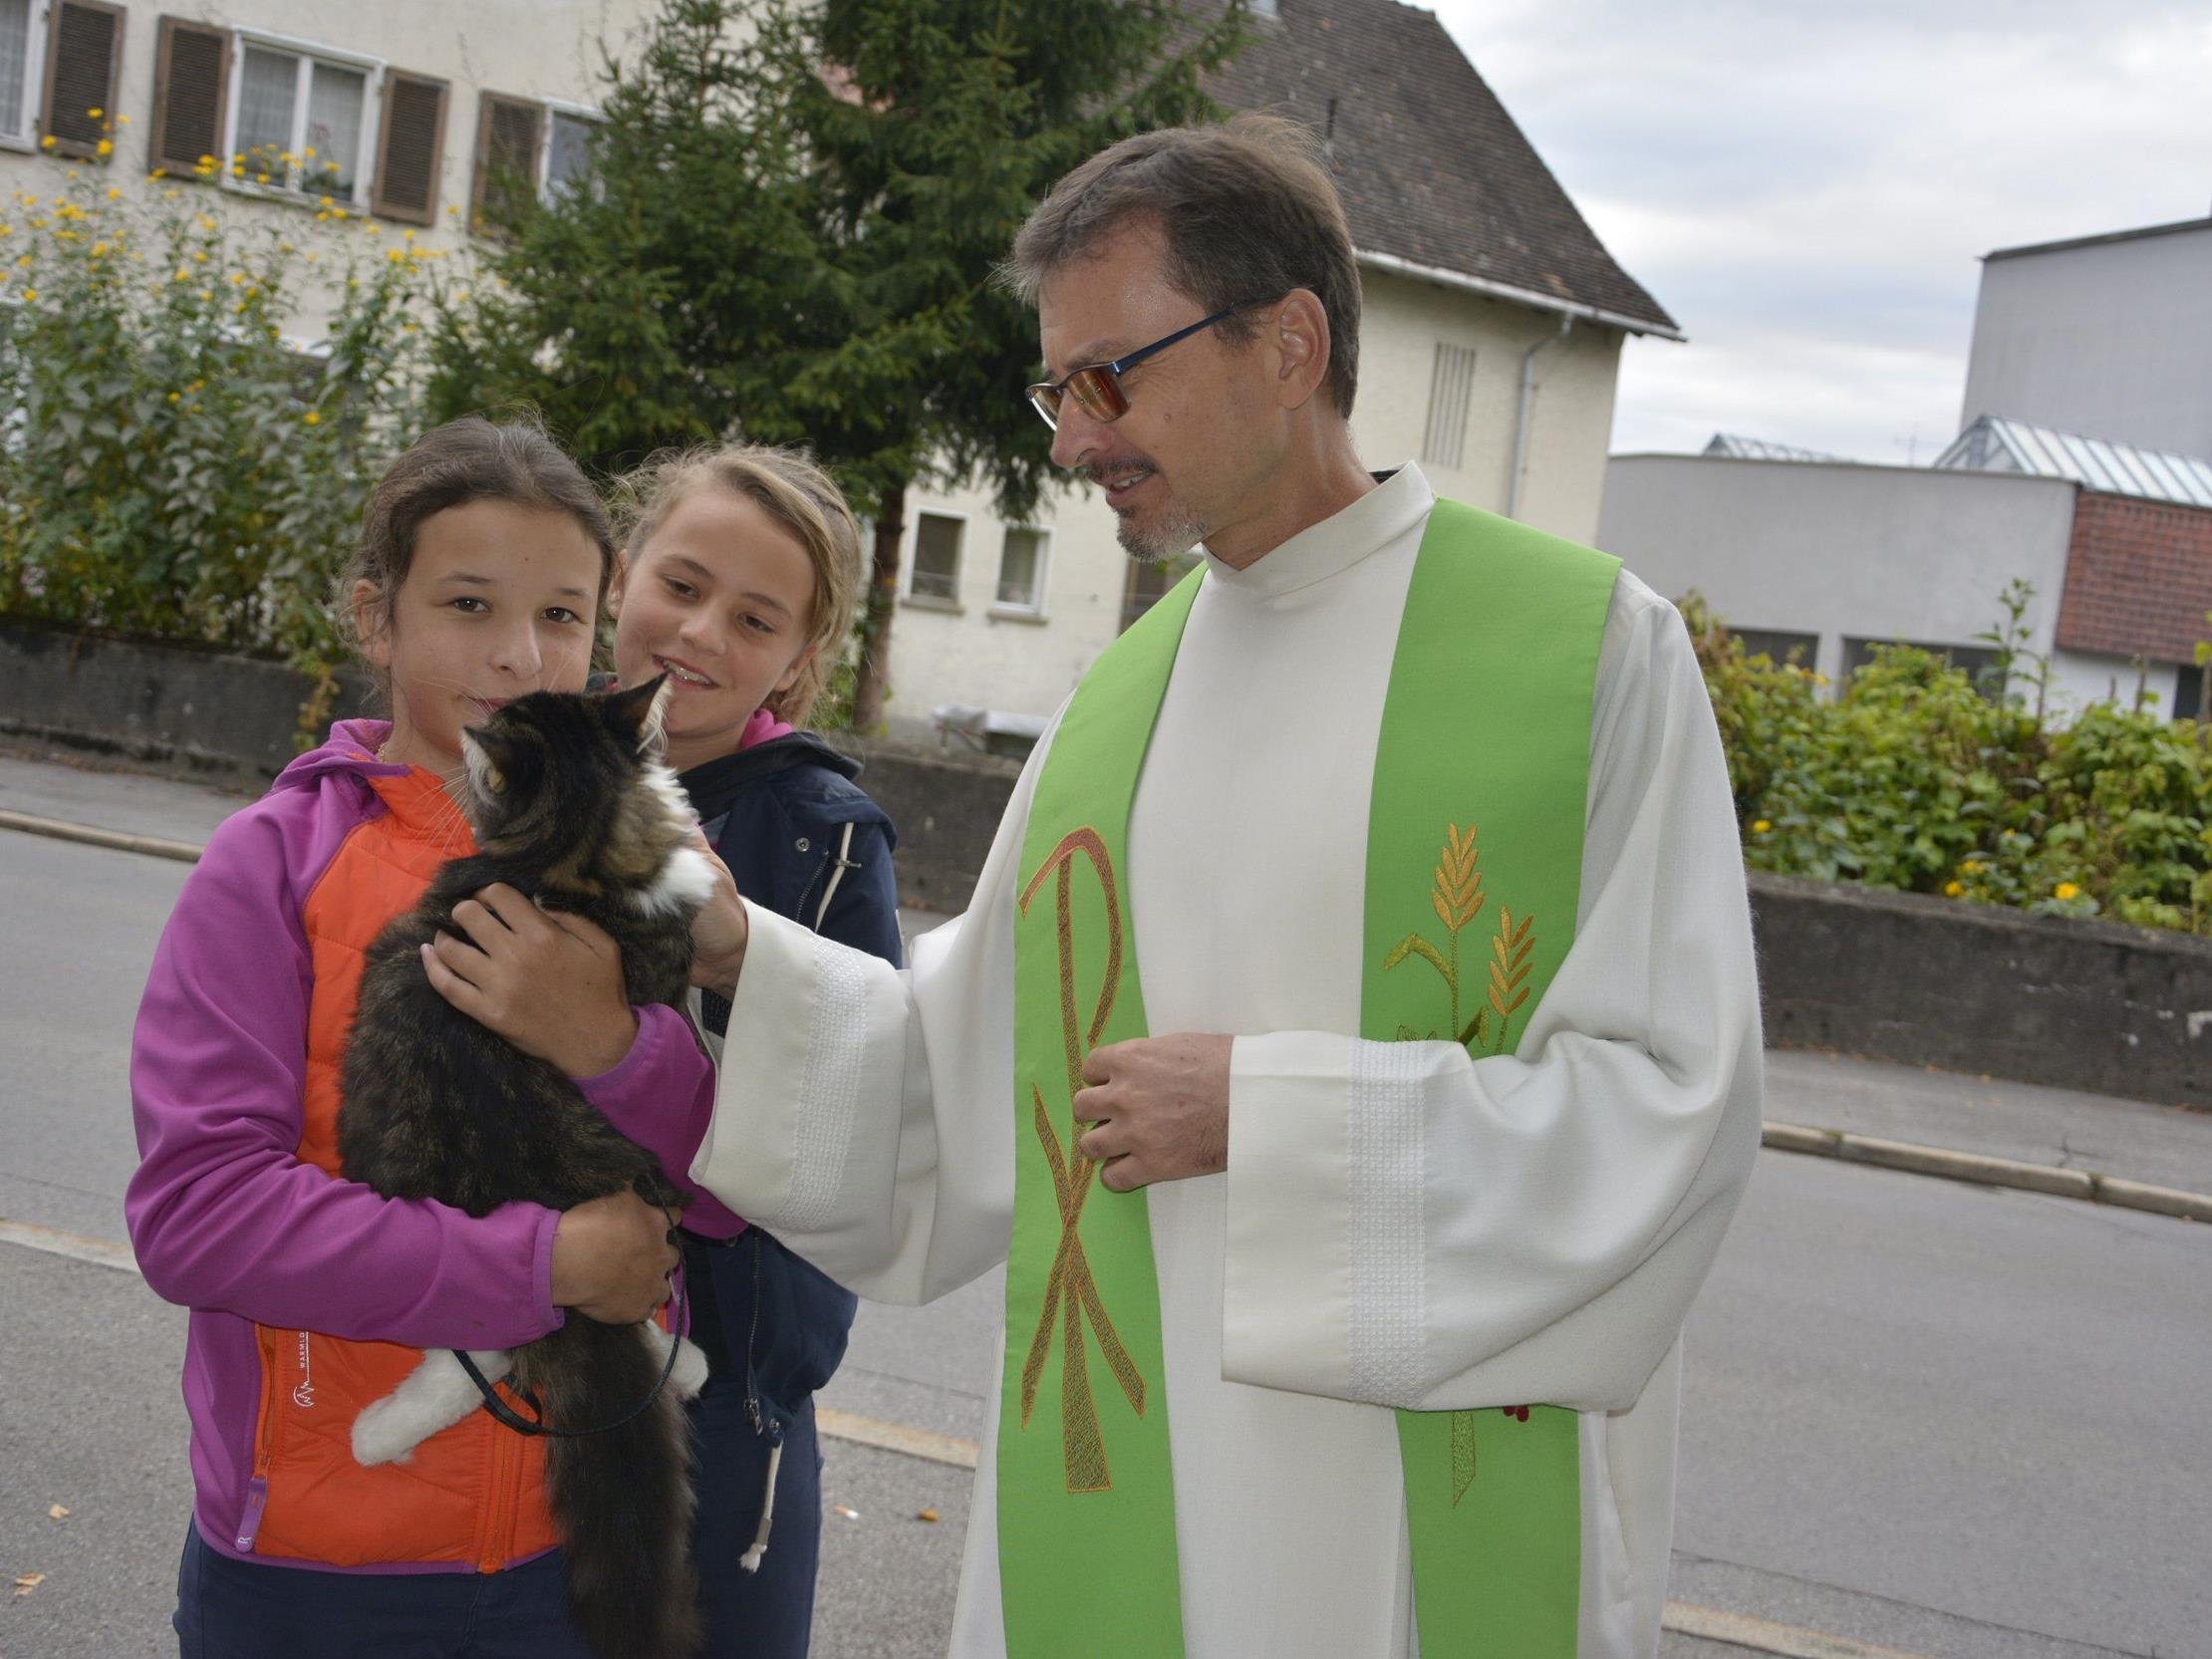 Pfarrer Christian Stranz fand Worte der Würde für die Tiere und segnete sie.